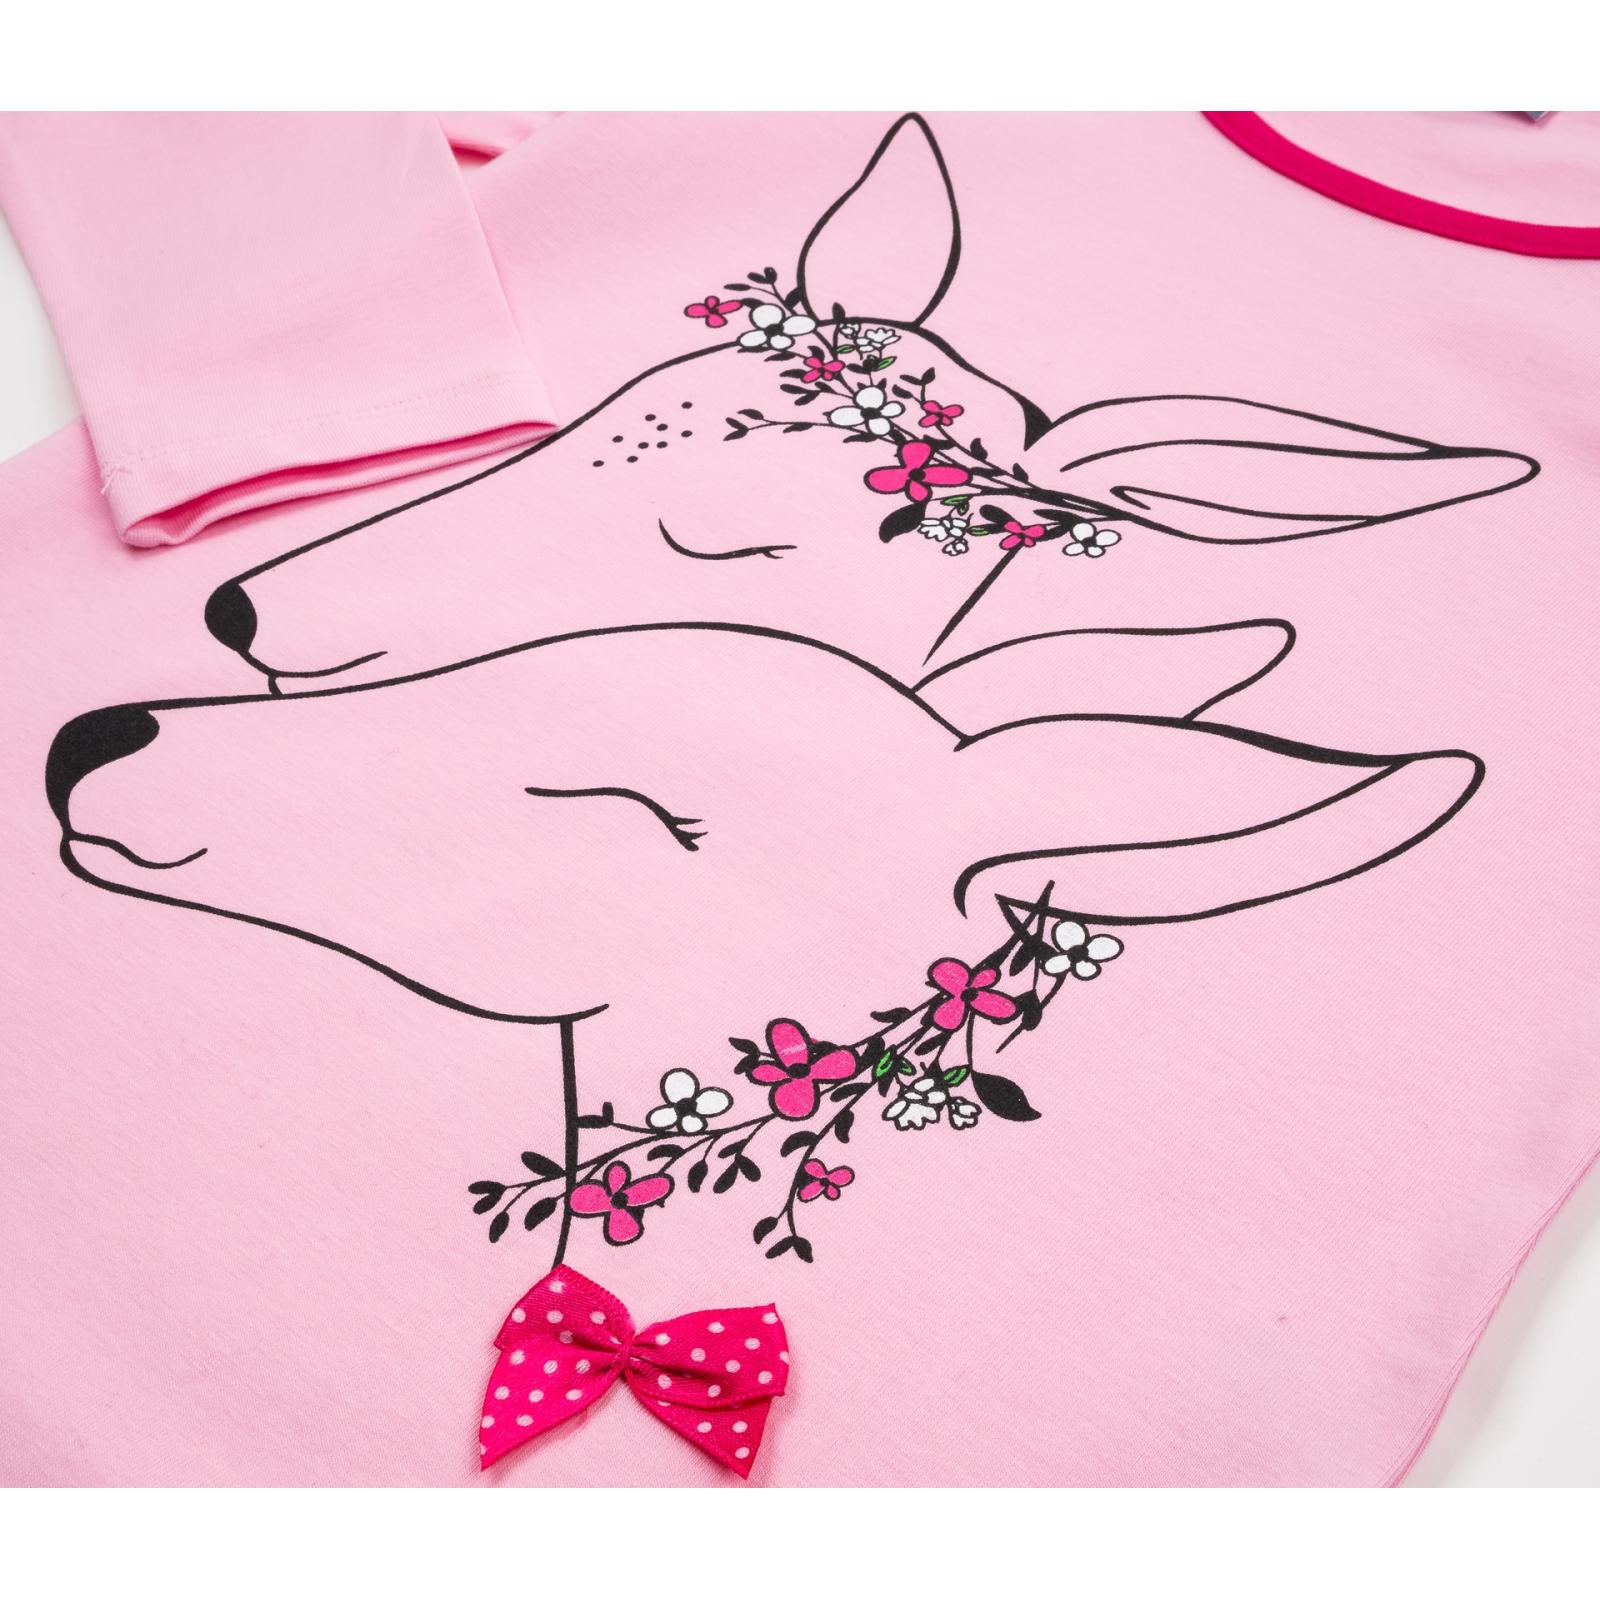 Пижама Matilda с оленями (10817-3-122G-pink) изображение 7